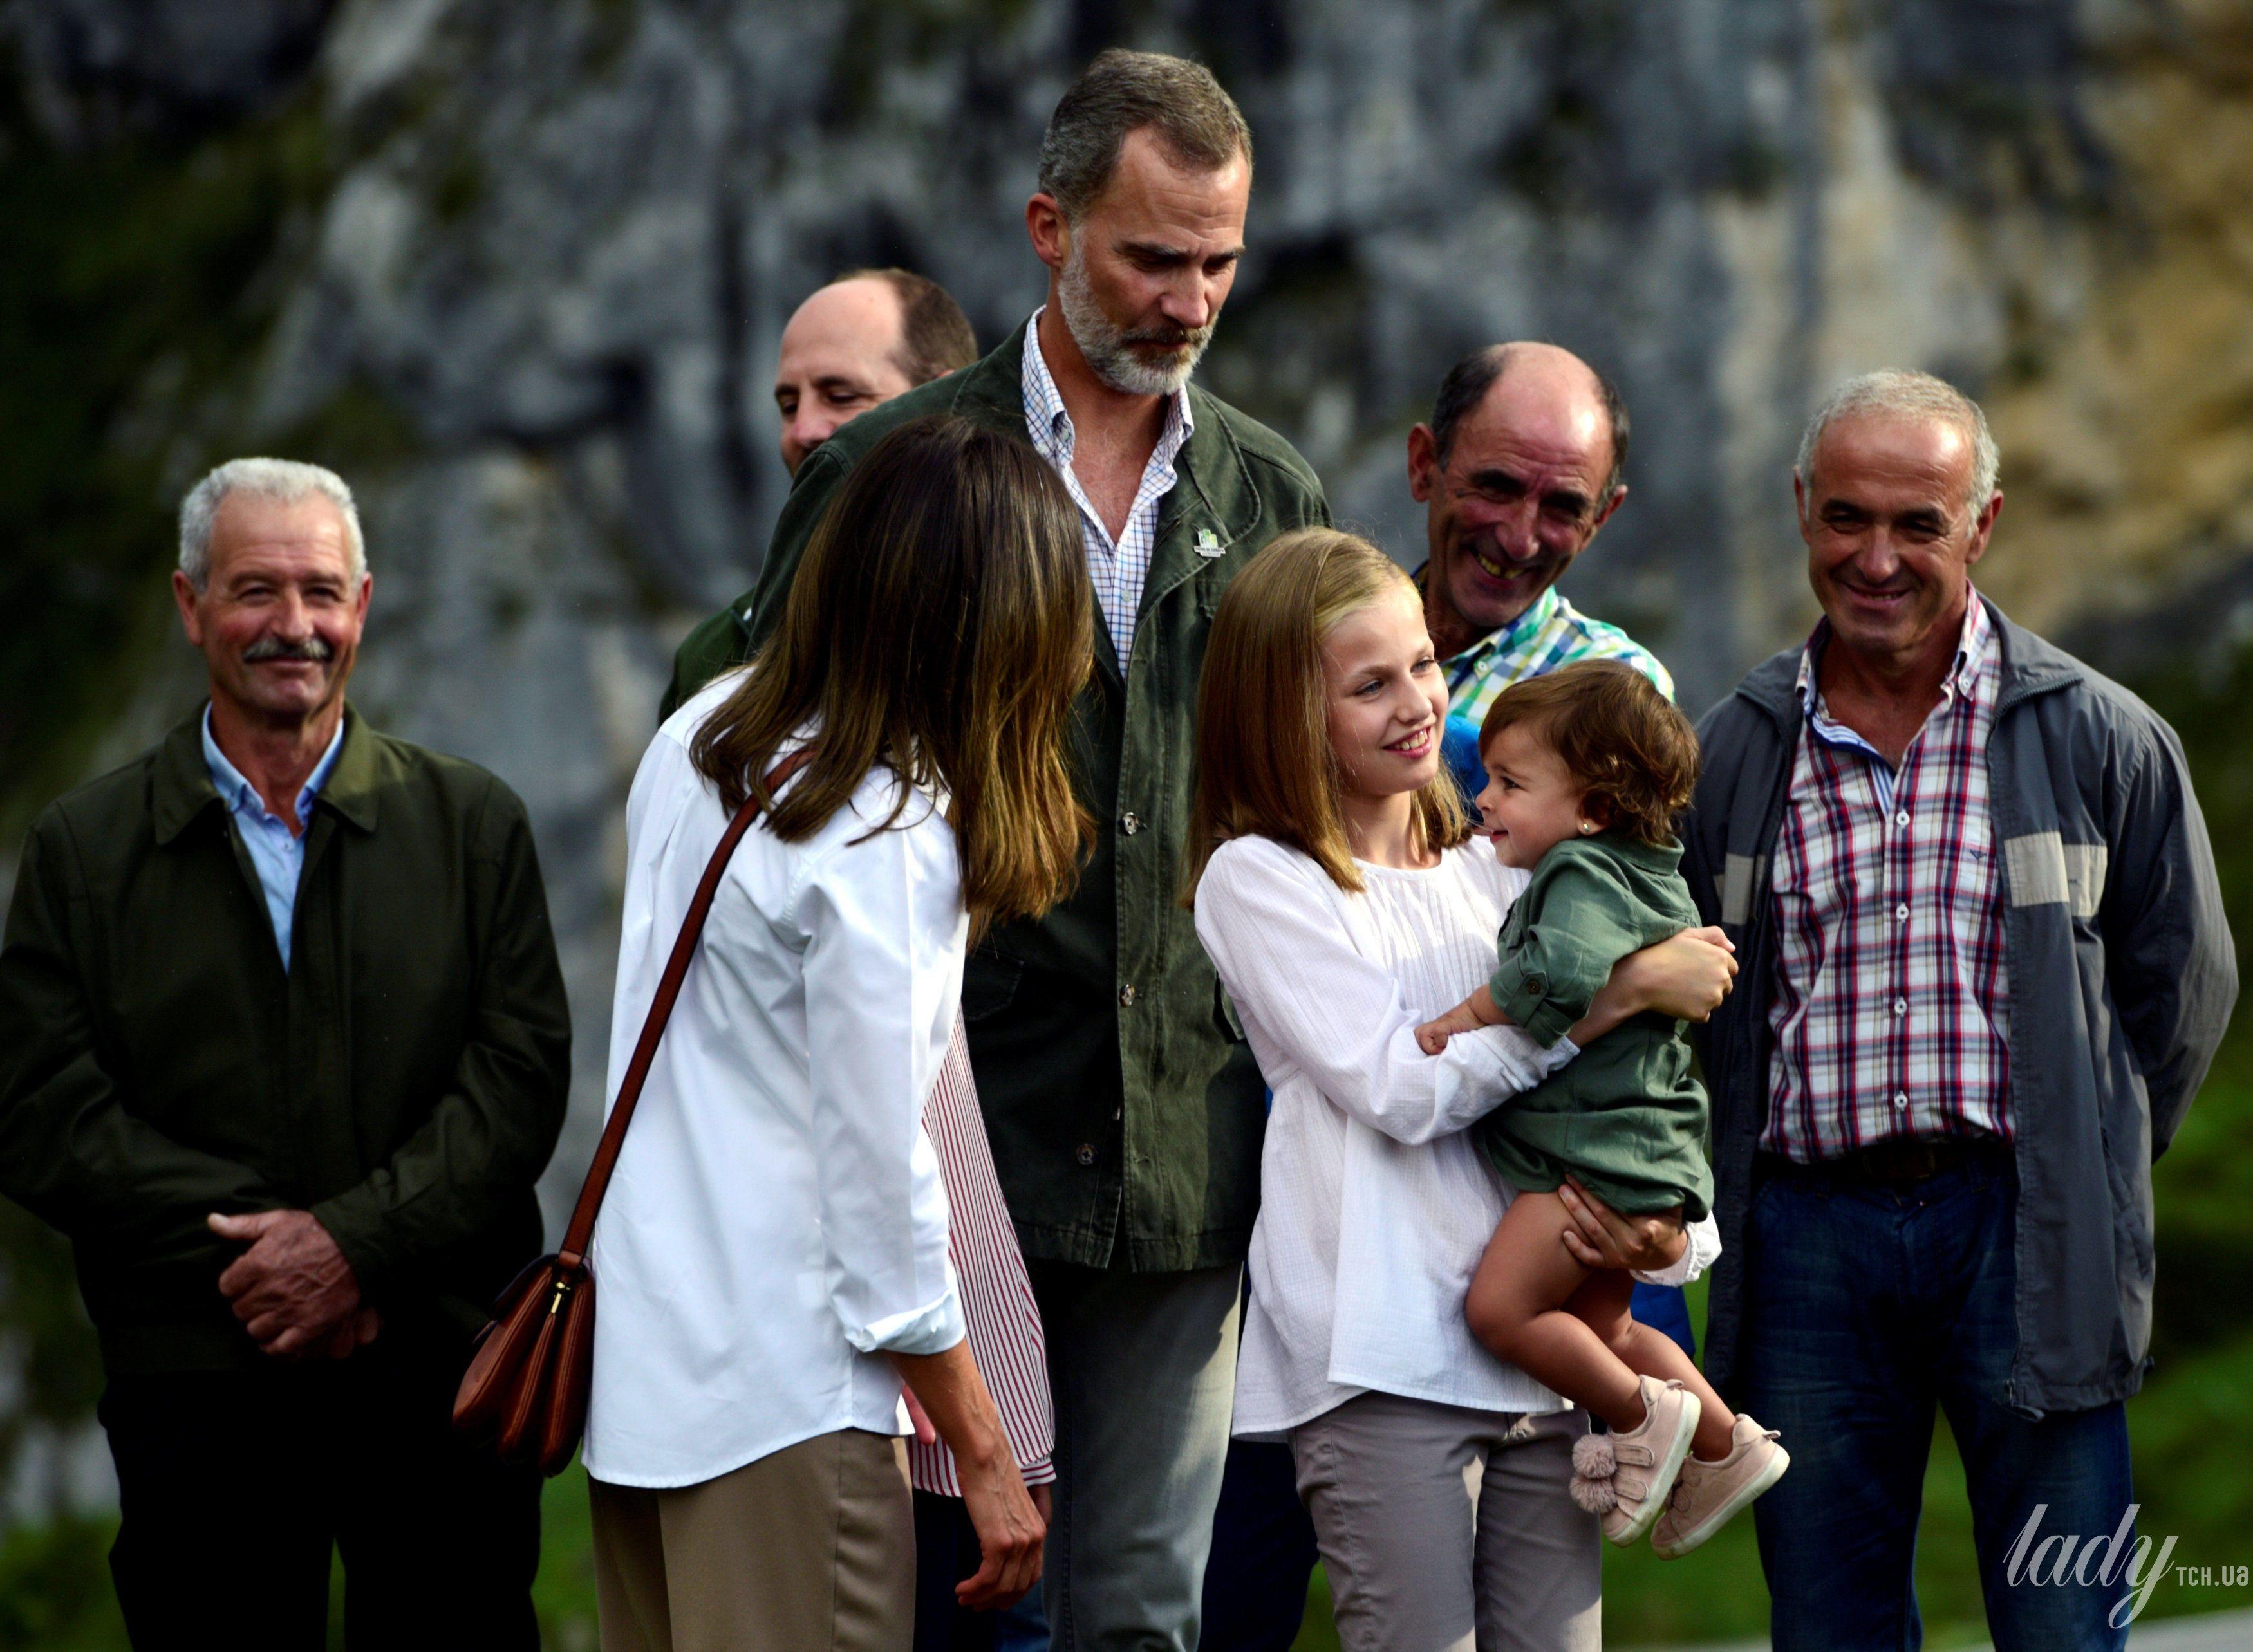 Испанская королевская семья: король Филипп, королева Летиция, принцессы Леонор и София_9